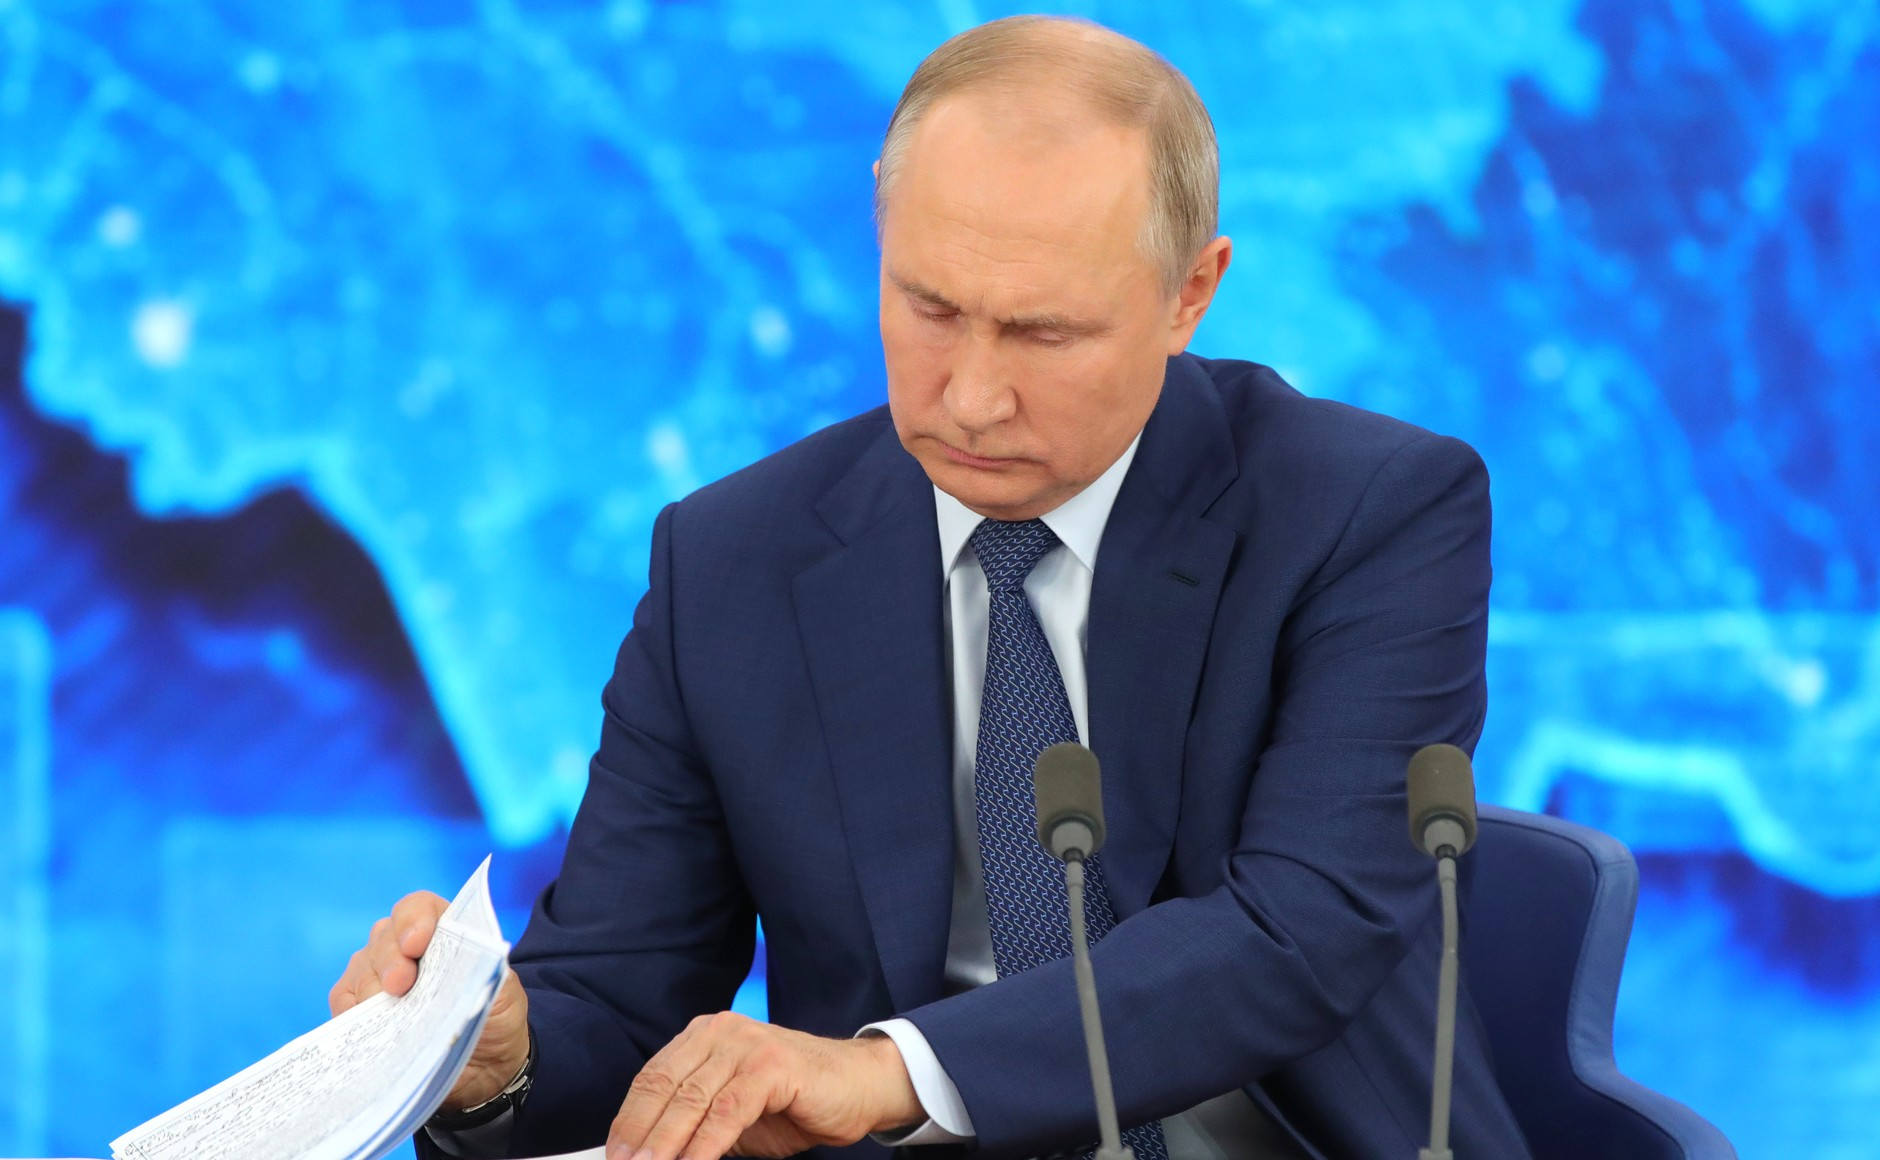 RUSSIE 17.12.2020.CONFERENCE 25 XX 66 Avant le début de la conférence de presse annuelle de Vladimir Poutine.